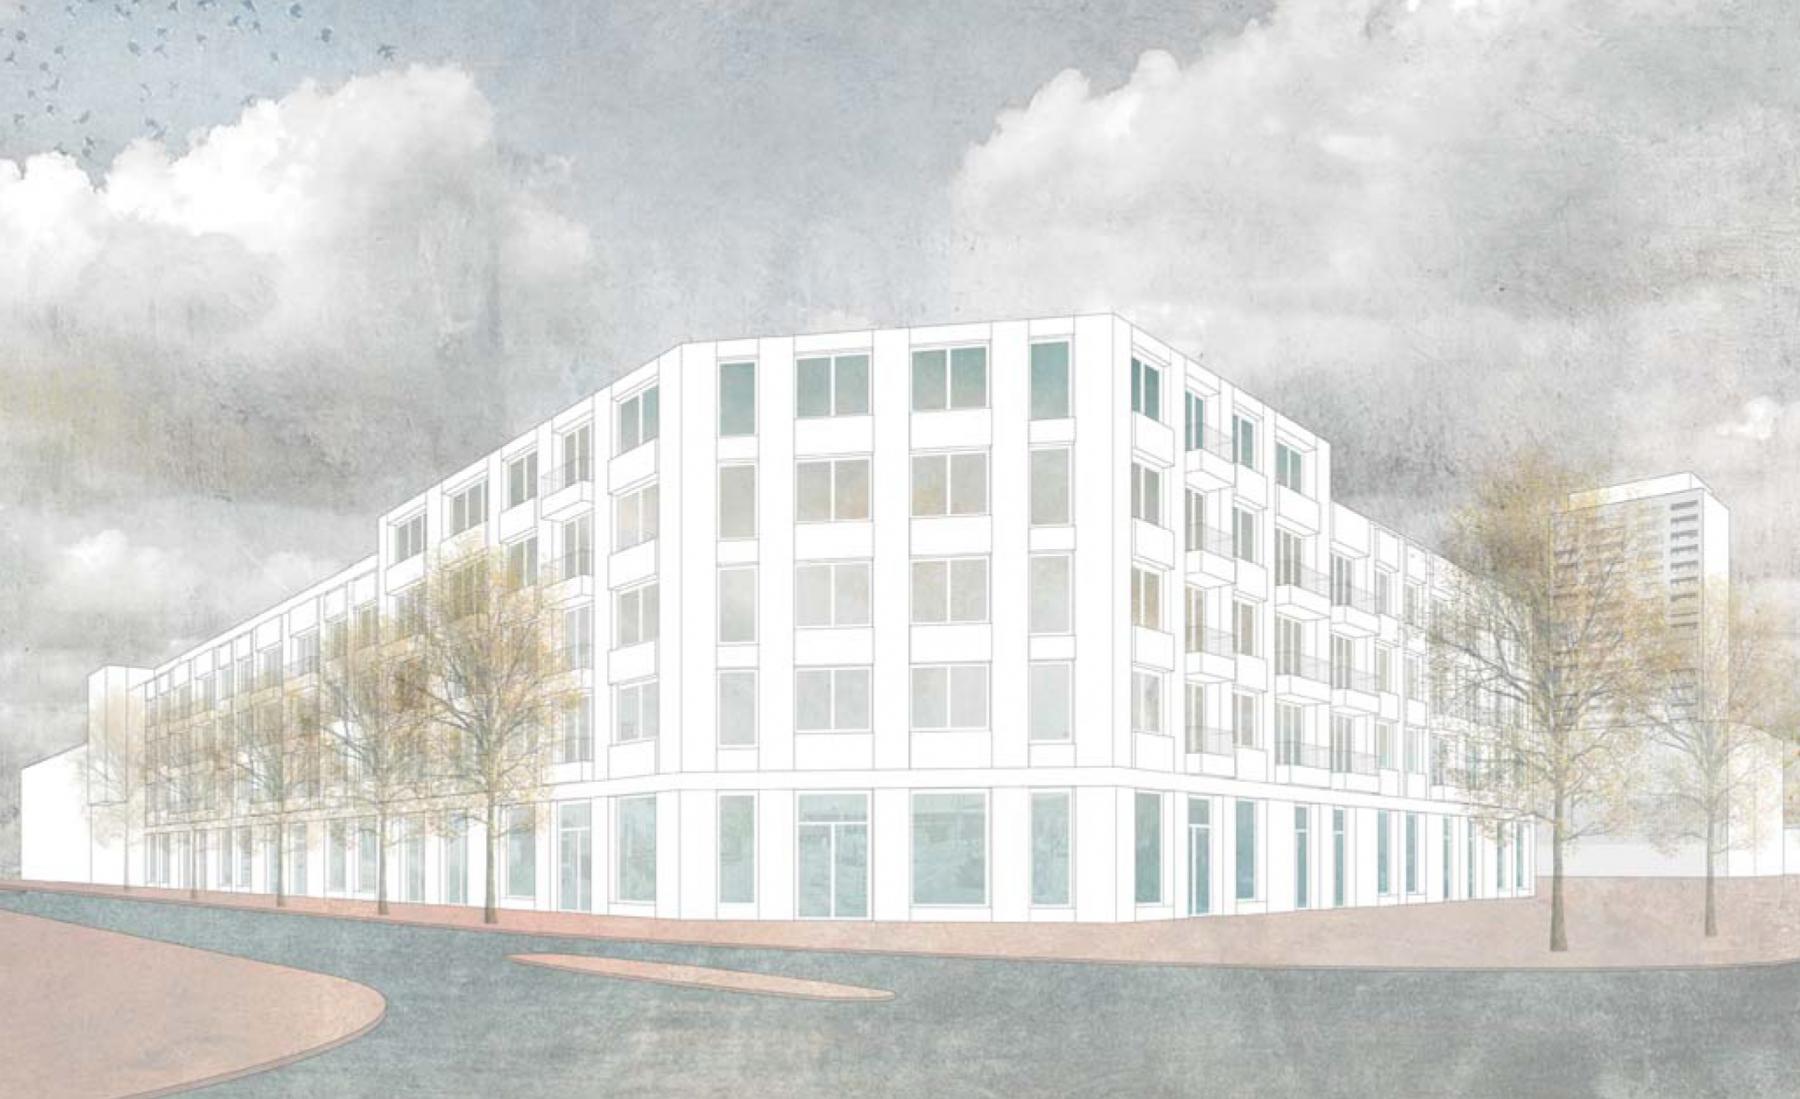 Wohnsiedlung Herdernstrasse, Zürich-Aussersihl, NIMBUS Architekten, BIMBO D'ORO